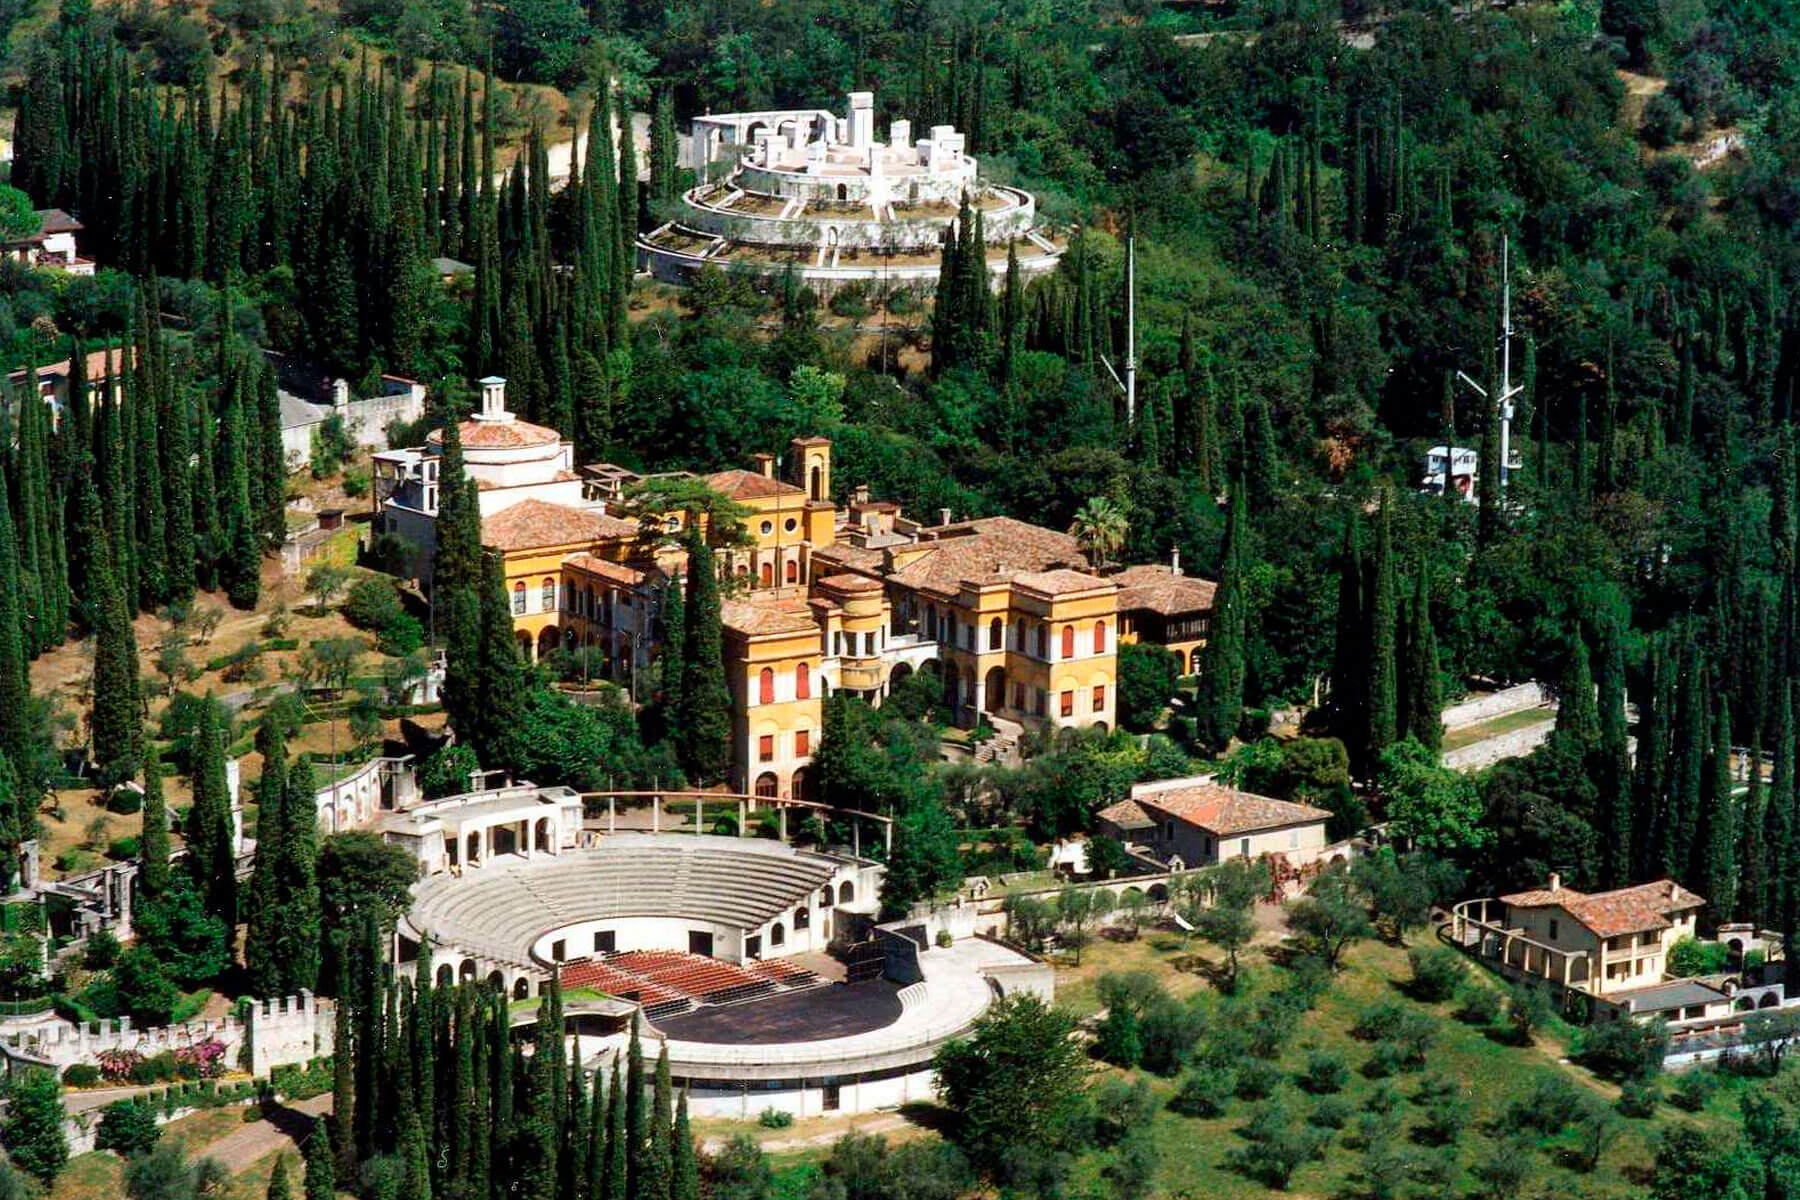 Conosci la Casa-Museo di D'Annunzio? 18 curiosità sul Vittoriale degli Italiani